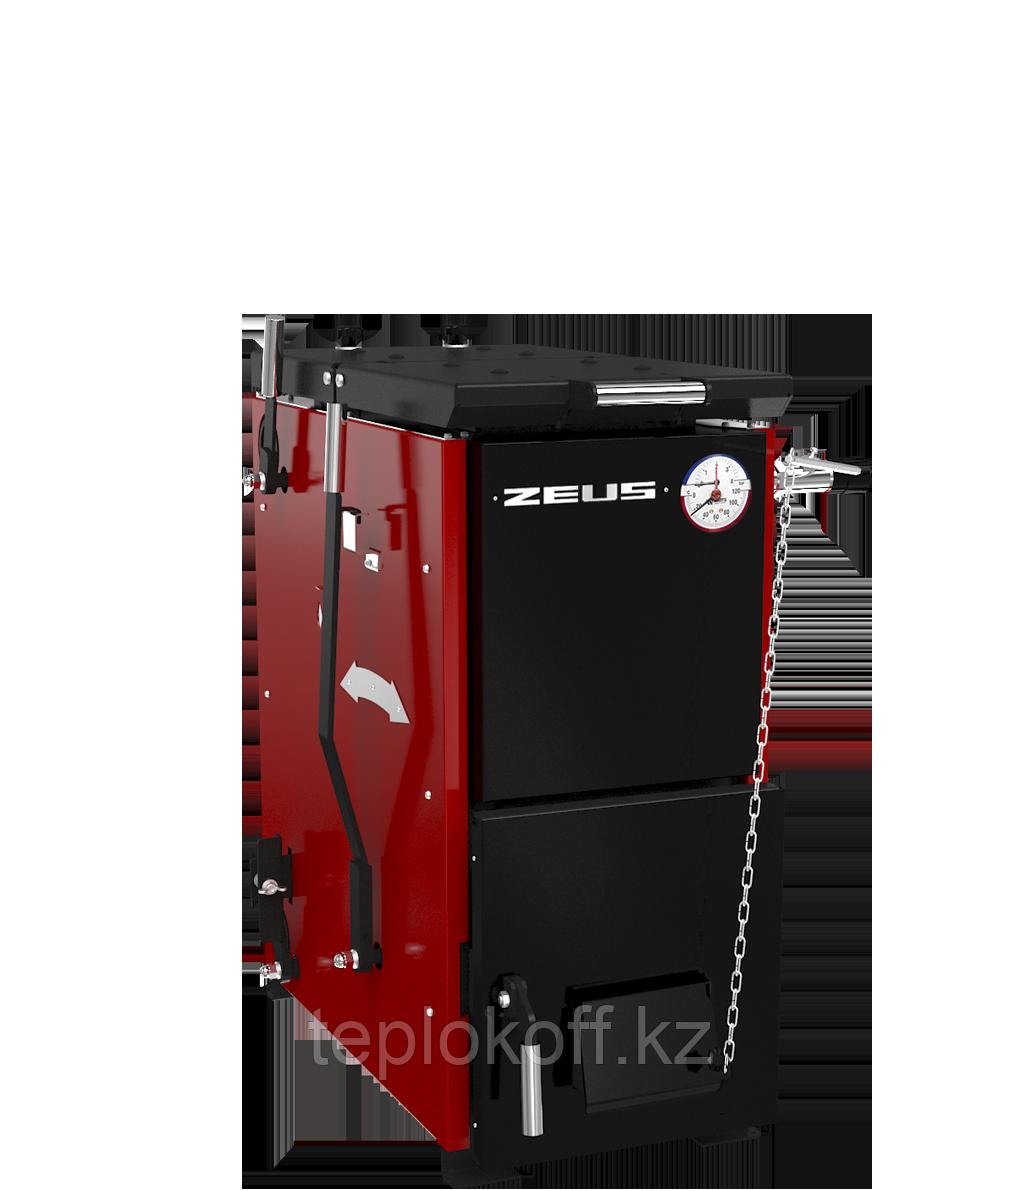 Котел твердотопливный полуавтоматический ZEUS («Зевс») 80 кВт